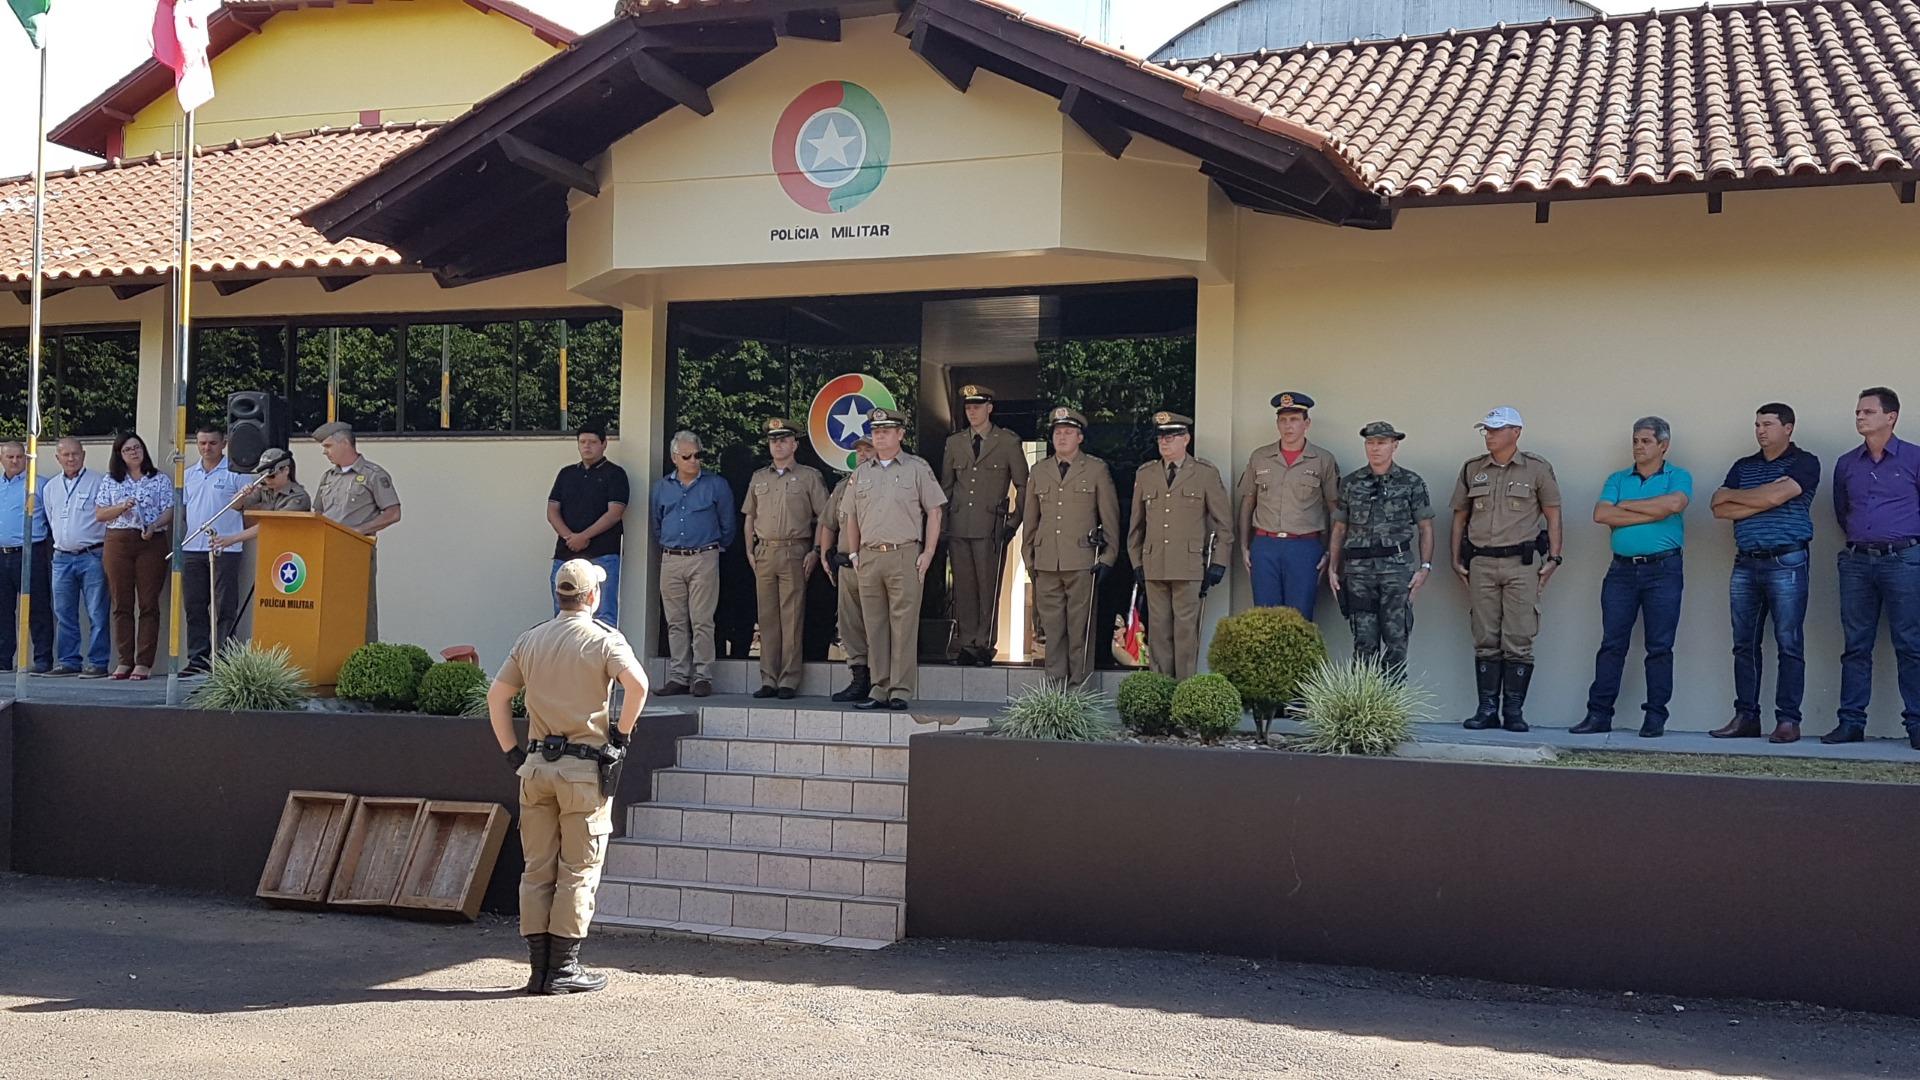 2º Pelotão da Polícia Militar de Itapiranga possui novo comandante